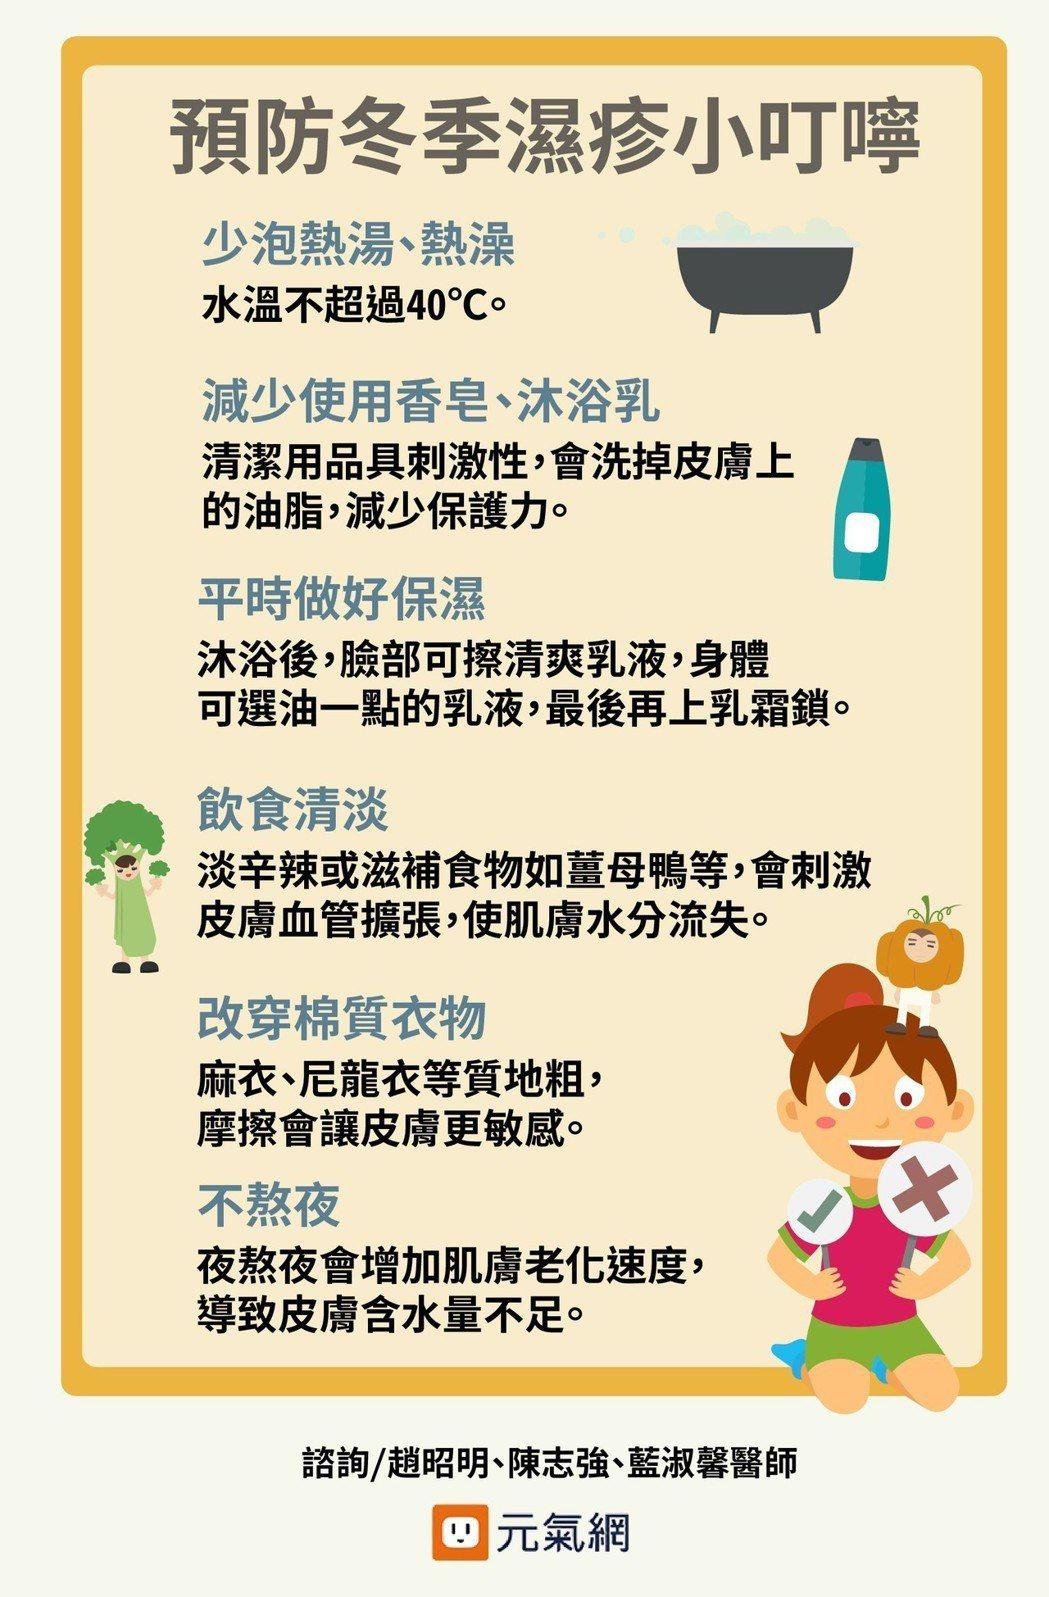 預防冬季濕疹小叮嚀。 製表/鄧桂芬 製圖/黃琬淑